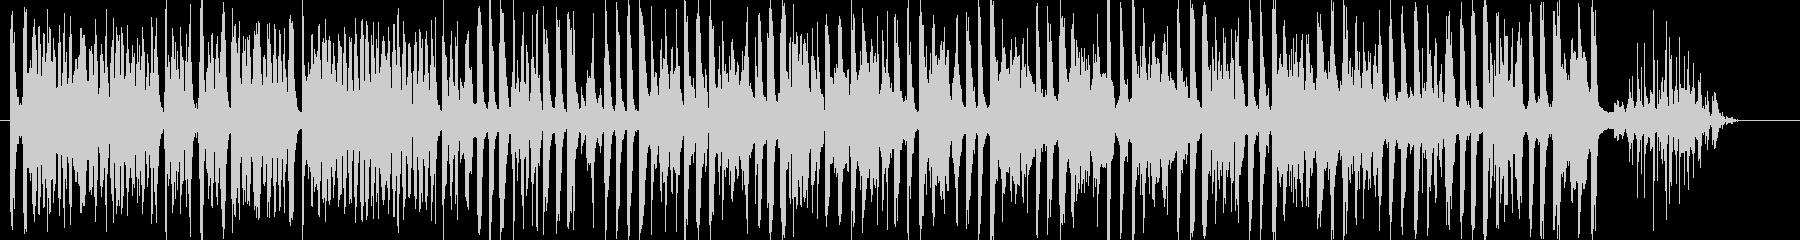 サンフェルミンとヤシの木の未再生の波形